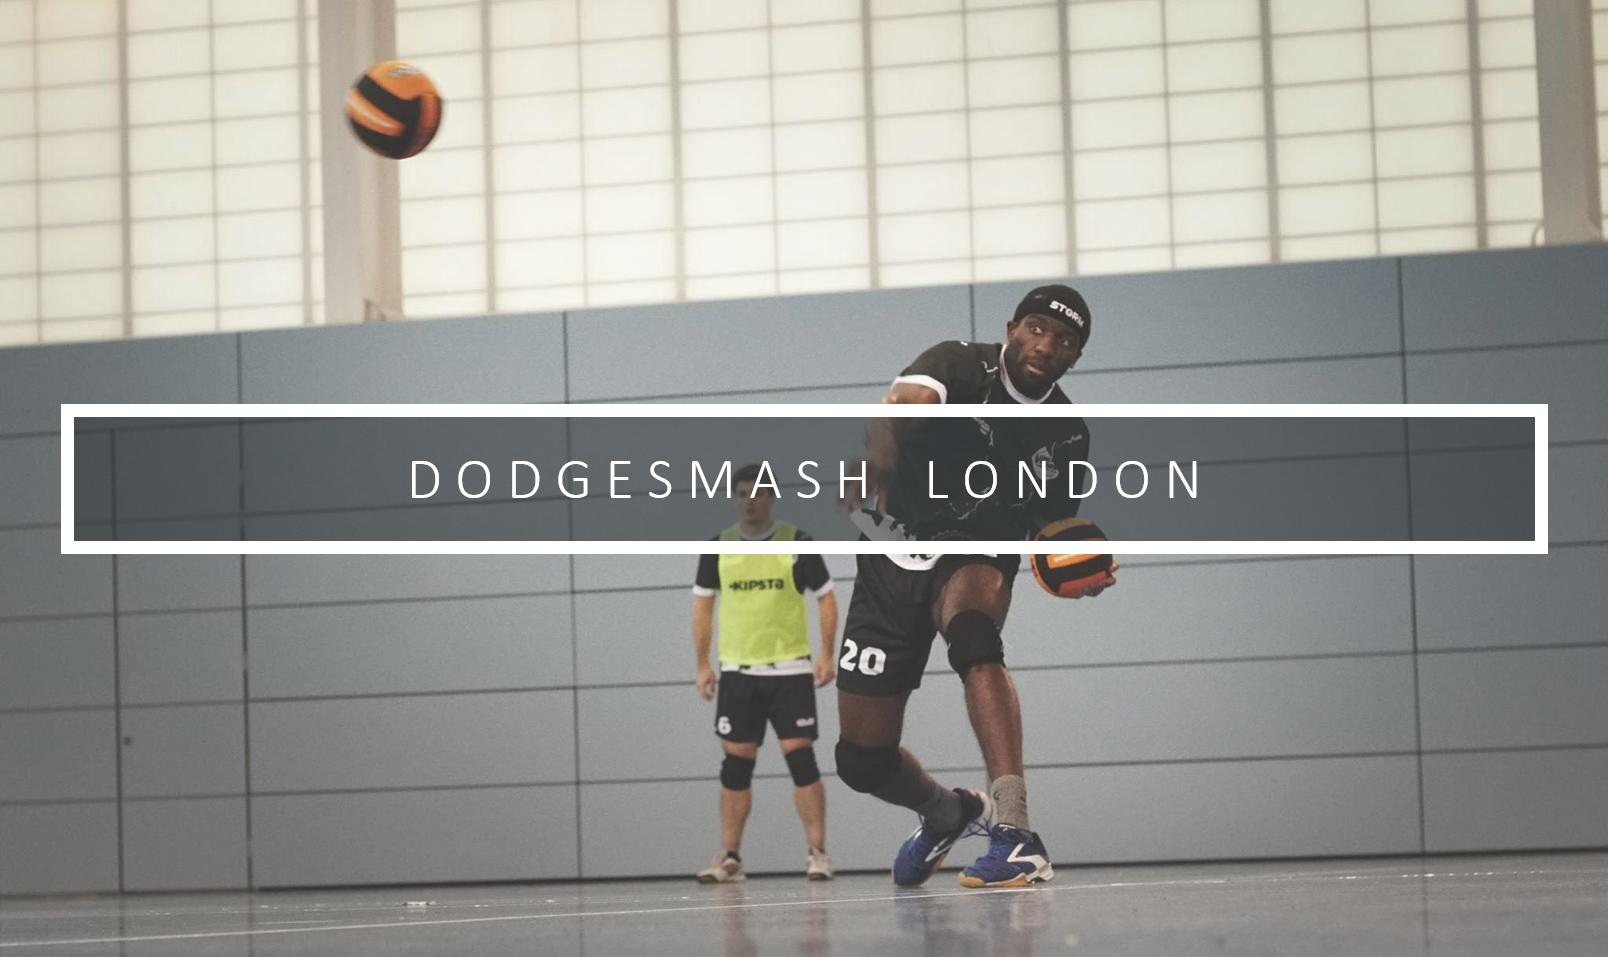 DodgeSmash London